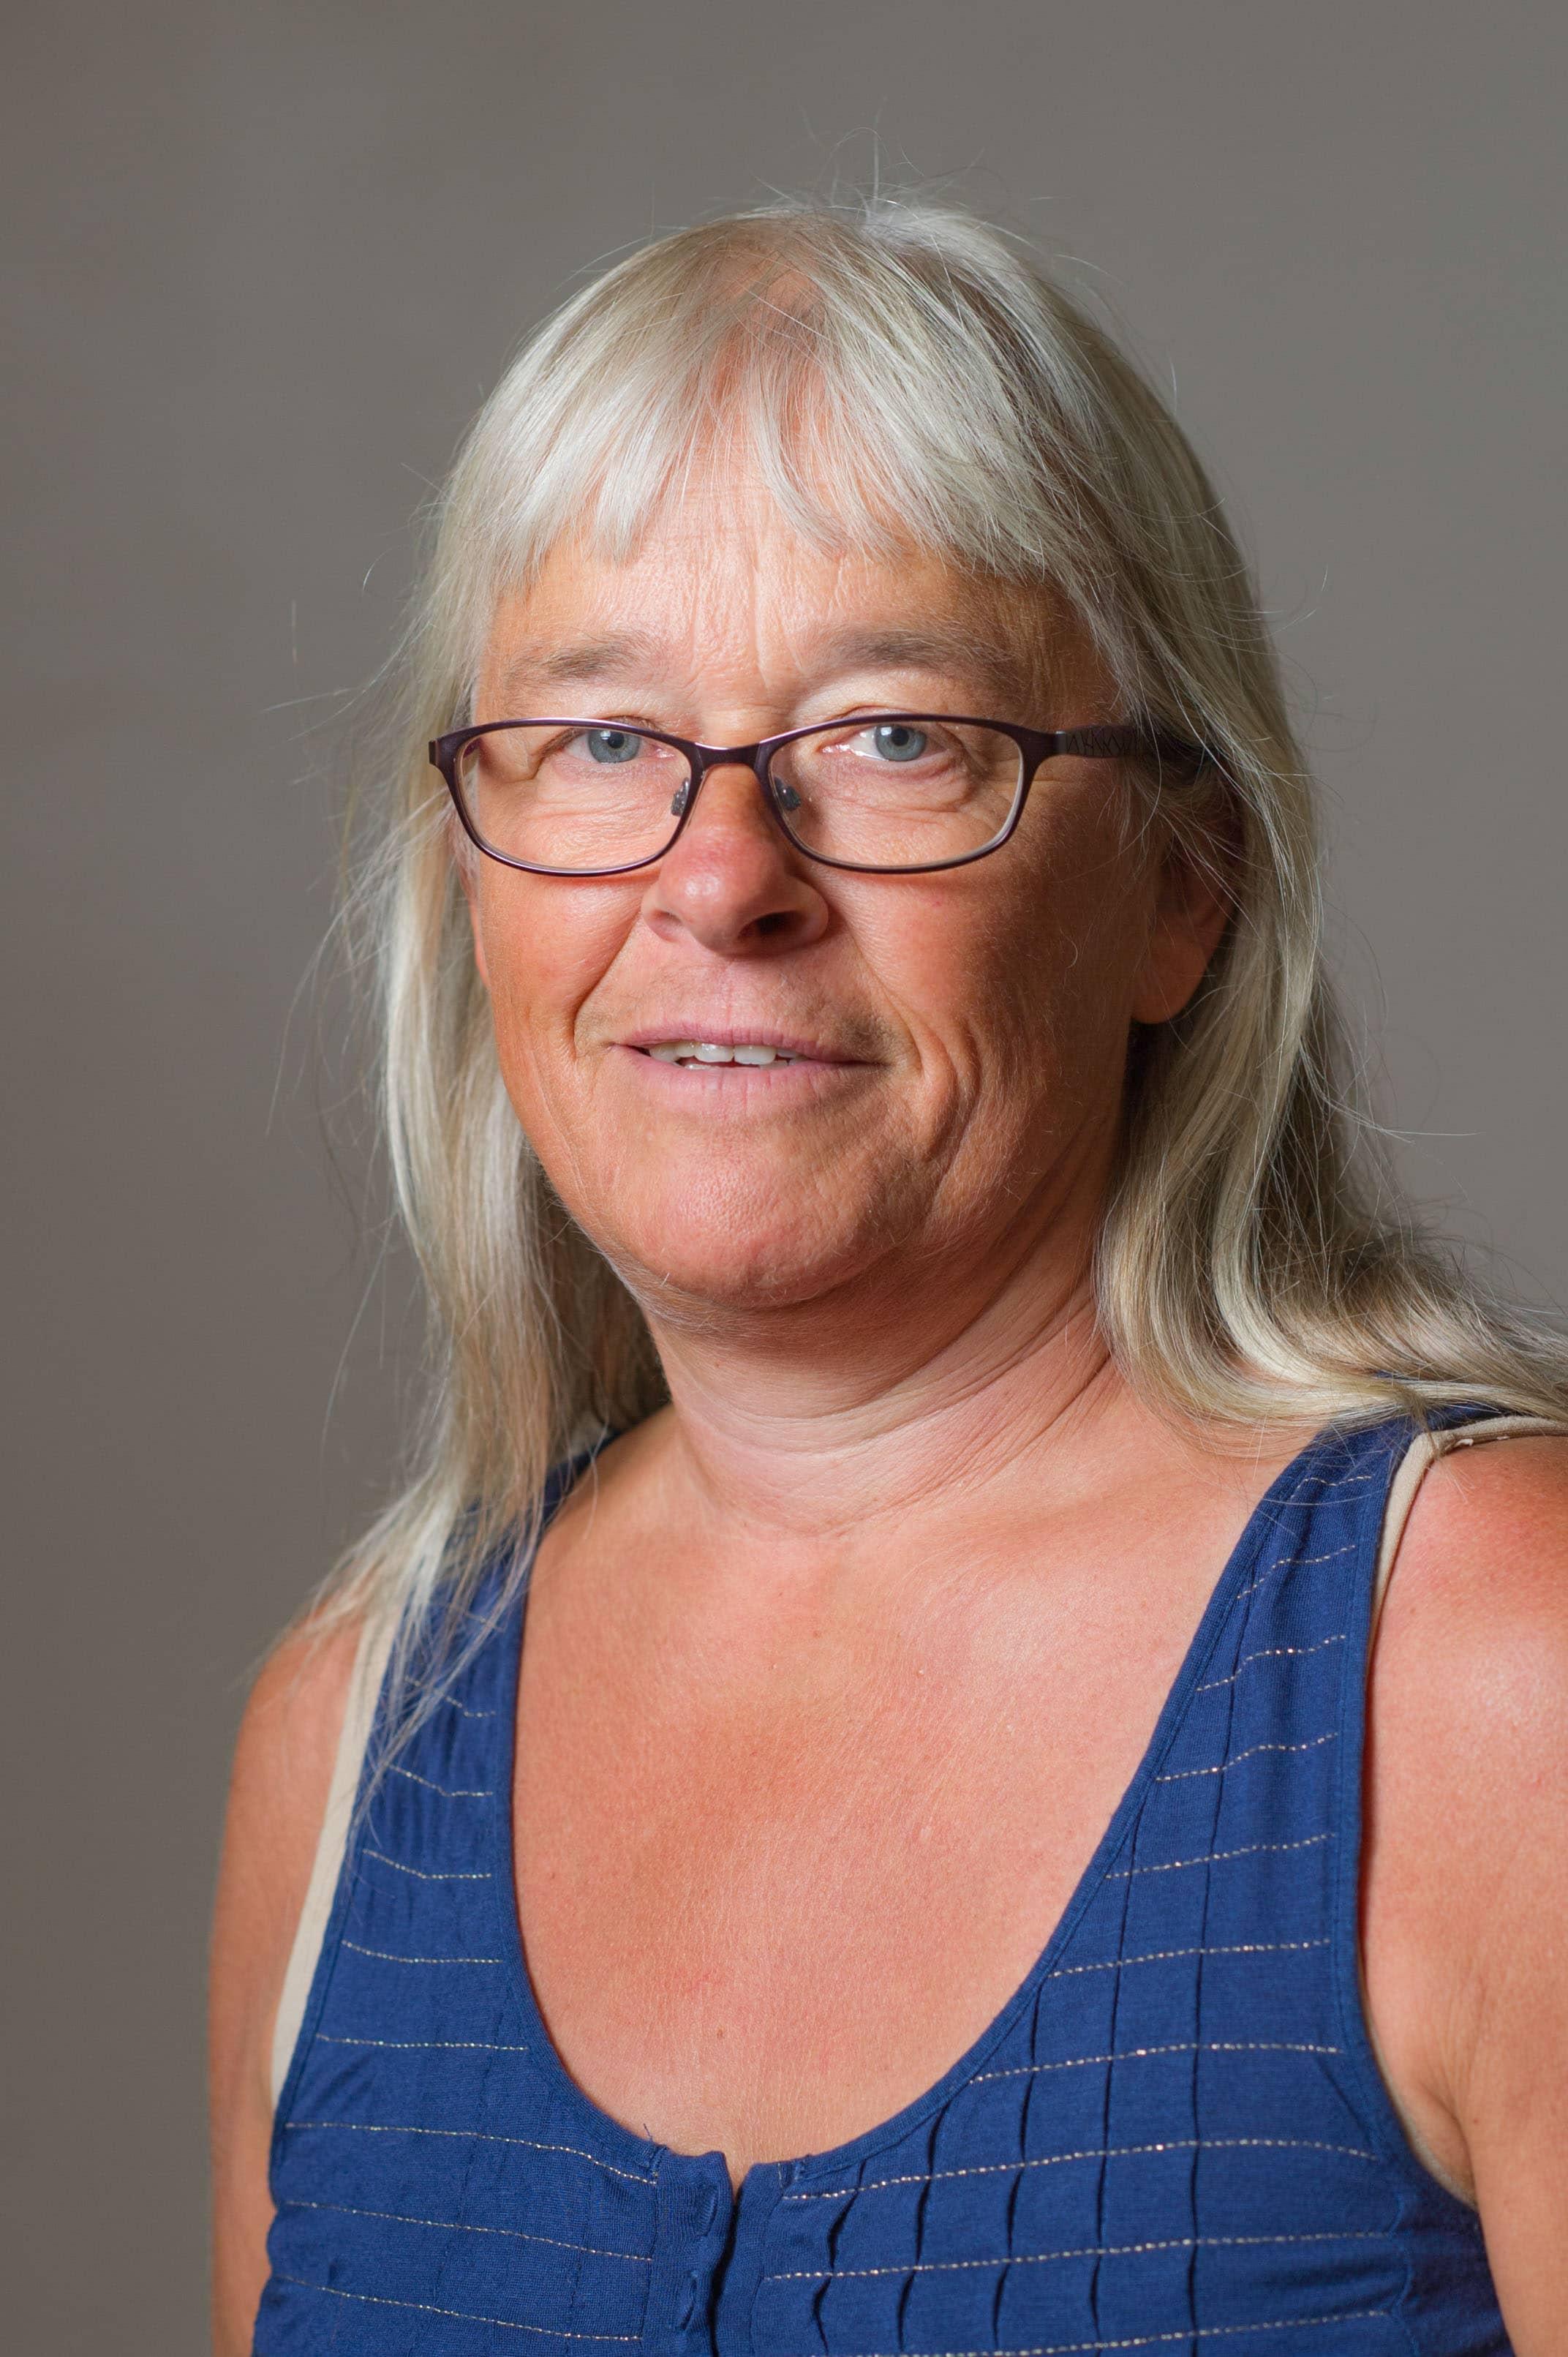 Hanne-Grete Lund (HL)